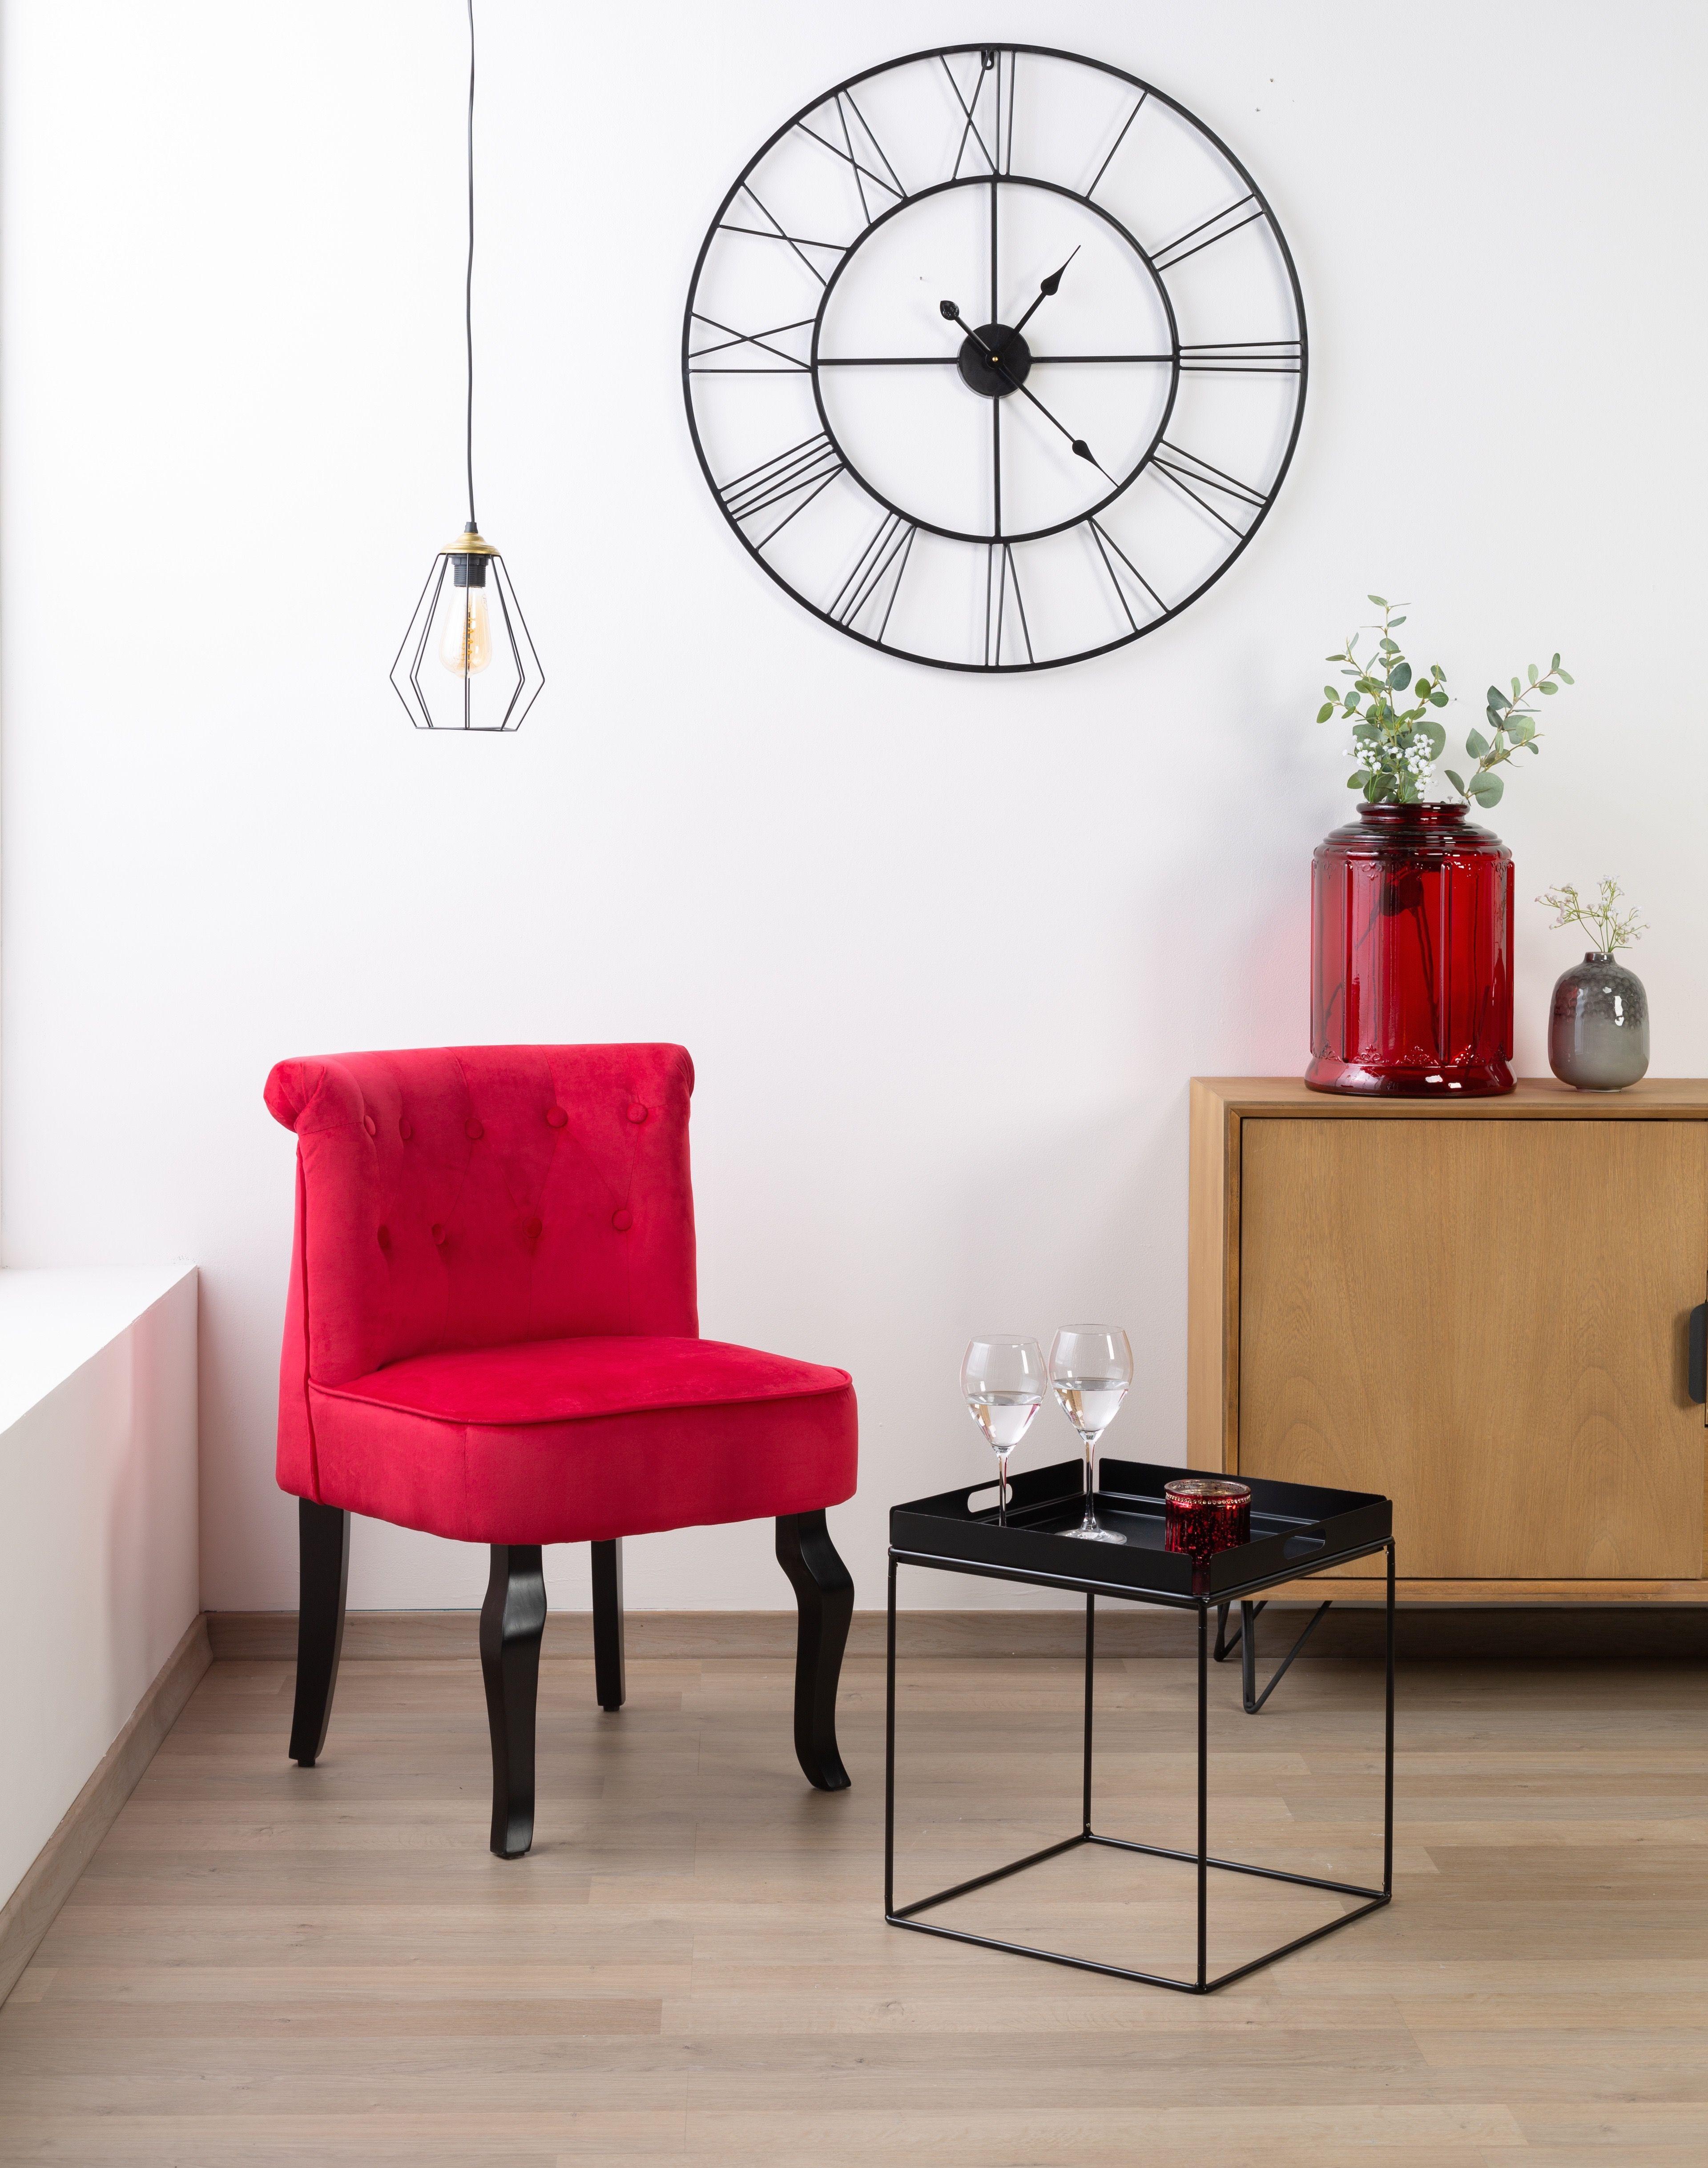 Epingle Par Delamaison Sur Soldes 2019 Meuble Deco Mobilier De Salon Soldes Meubles